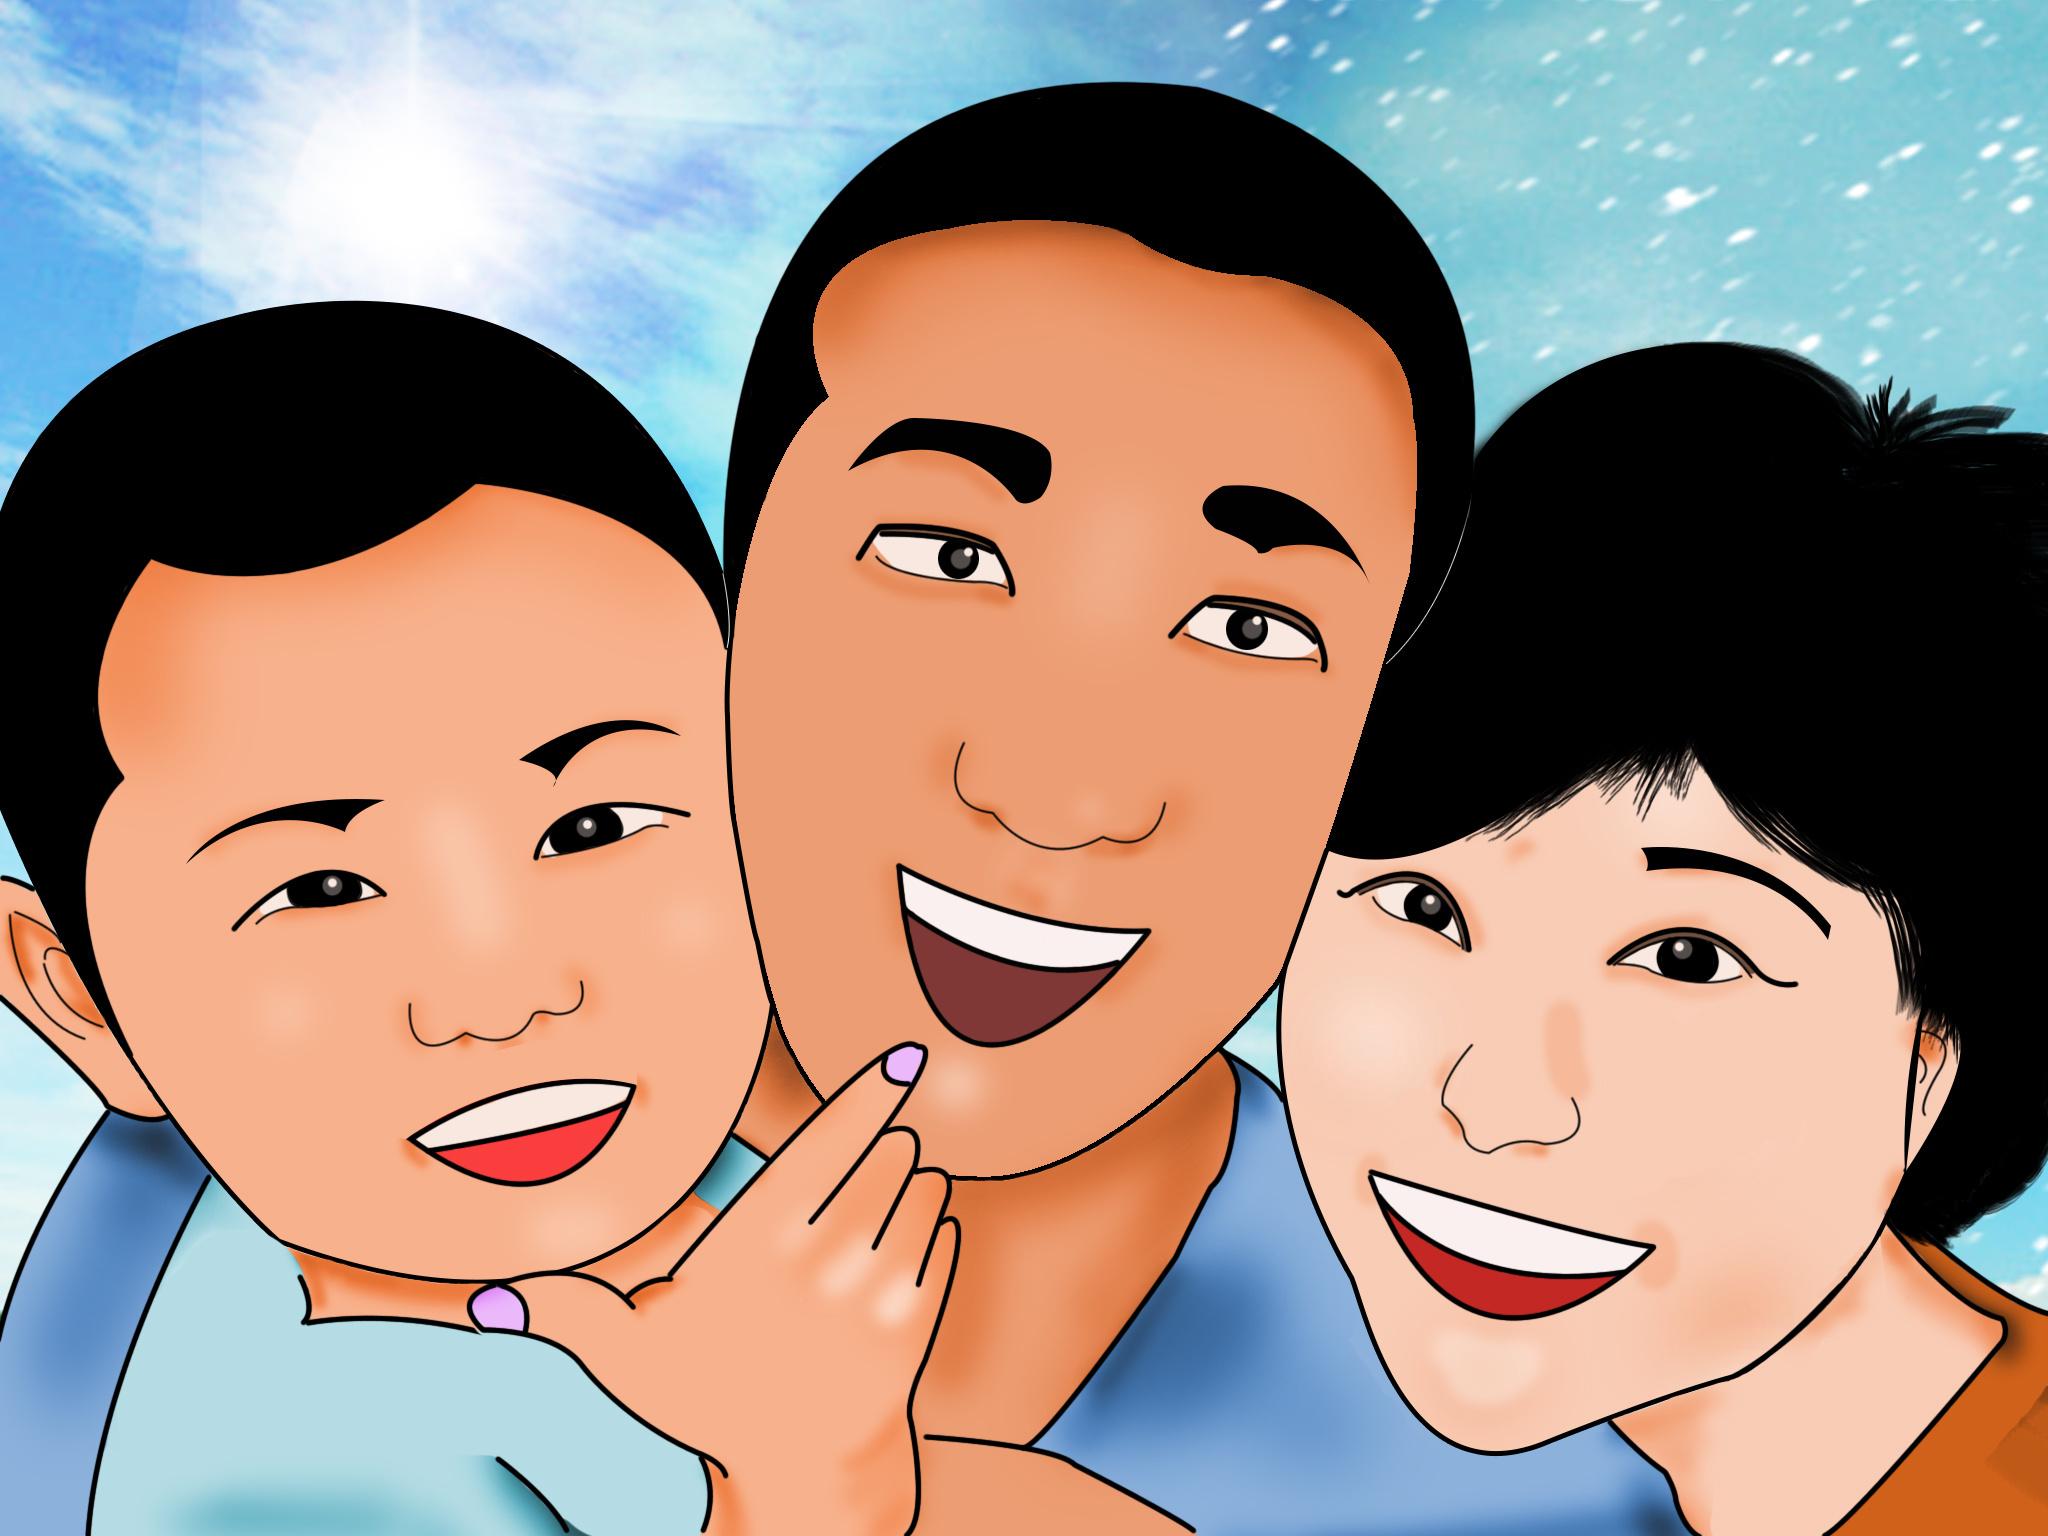 卡通手绘头像 幸福快乐的三口之家